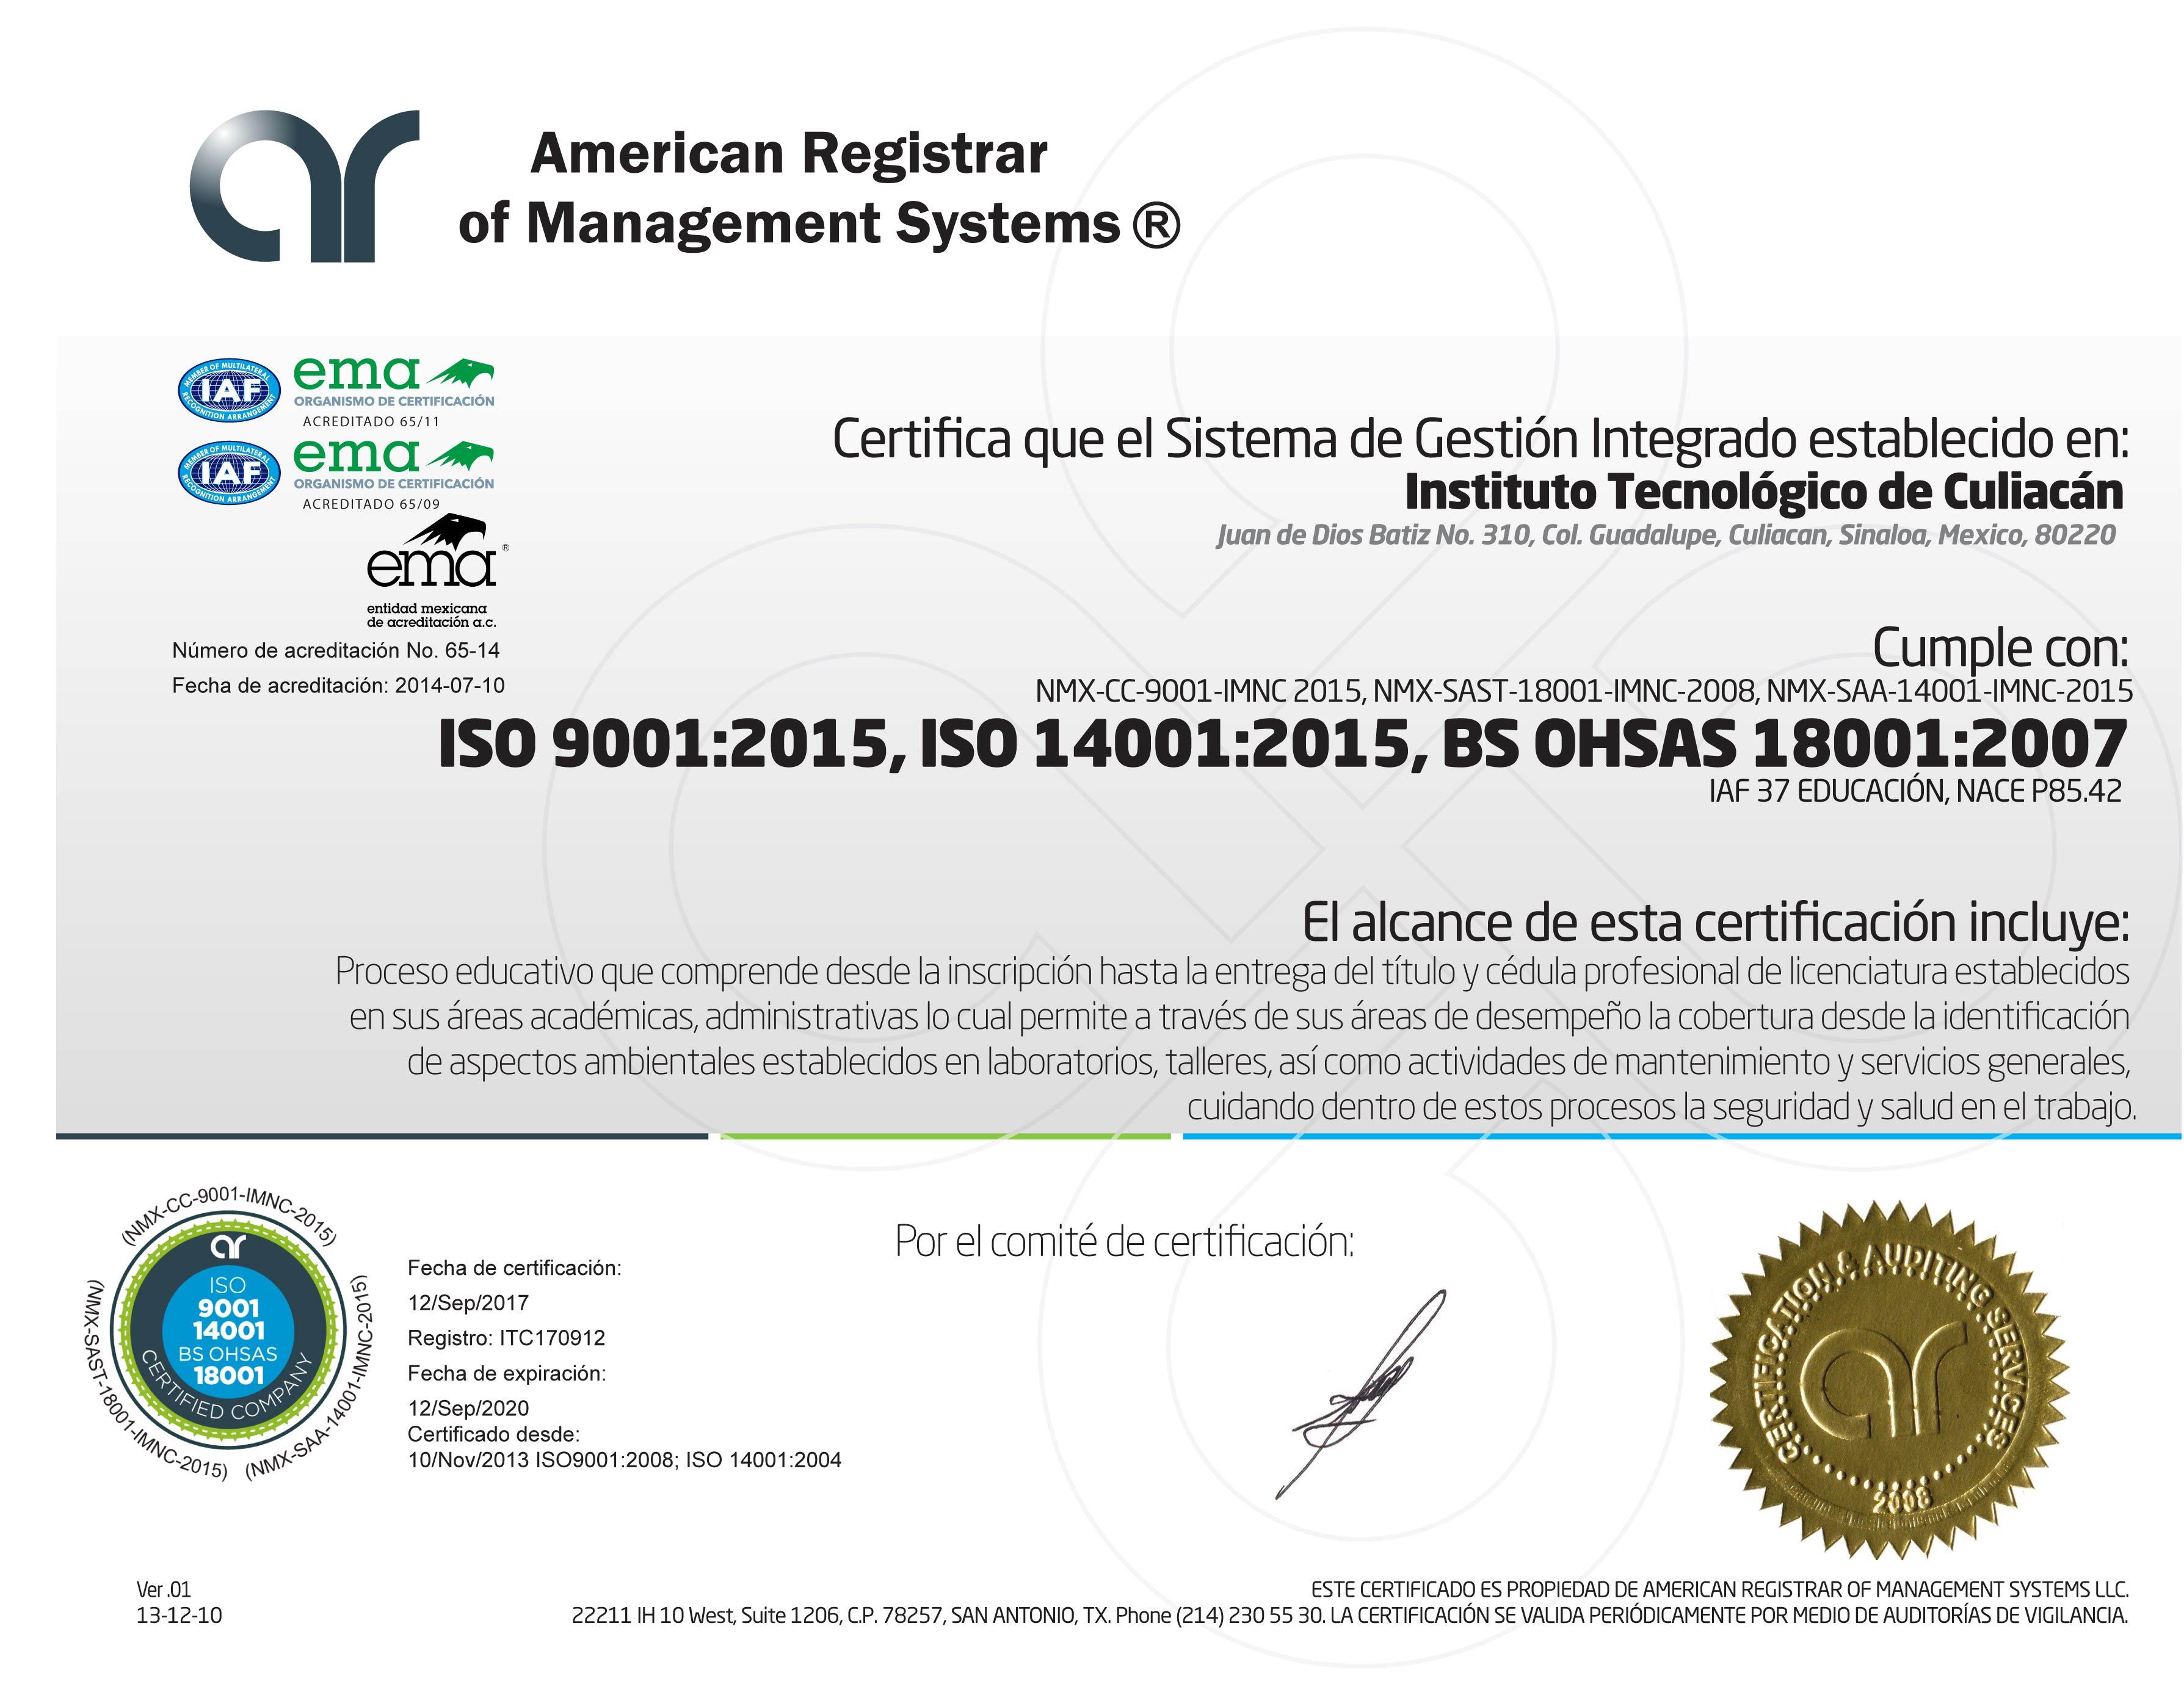 ARMS - Certificado 01.4 (SGI 9, 14,18) v 2015ITC R0